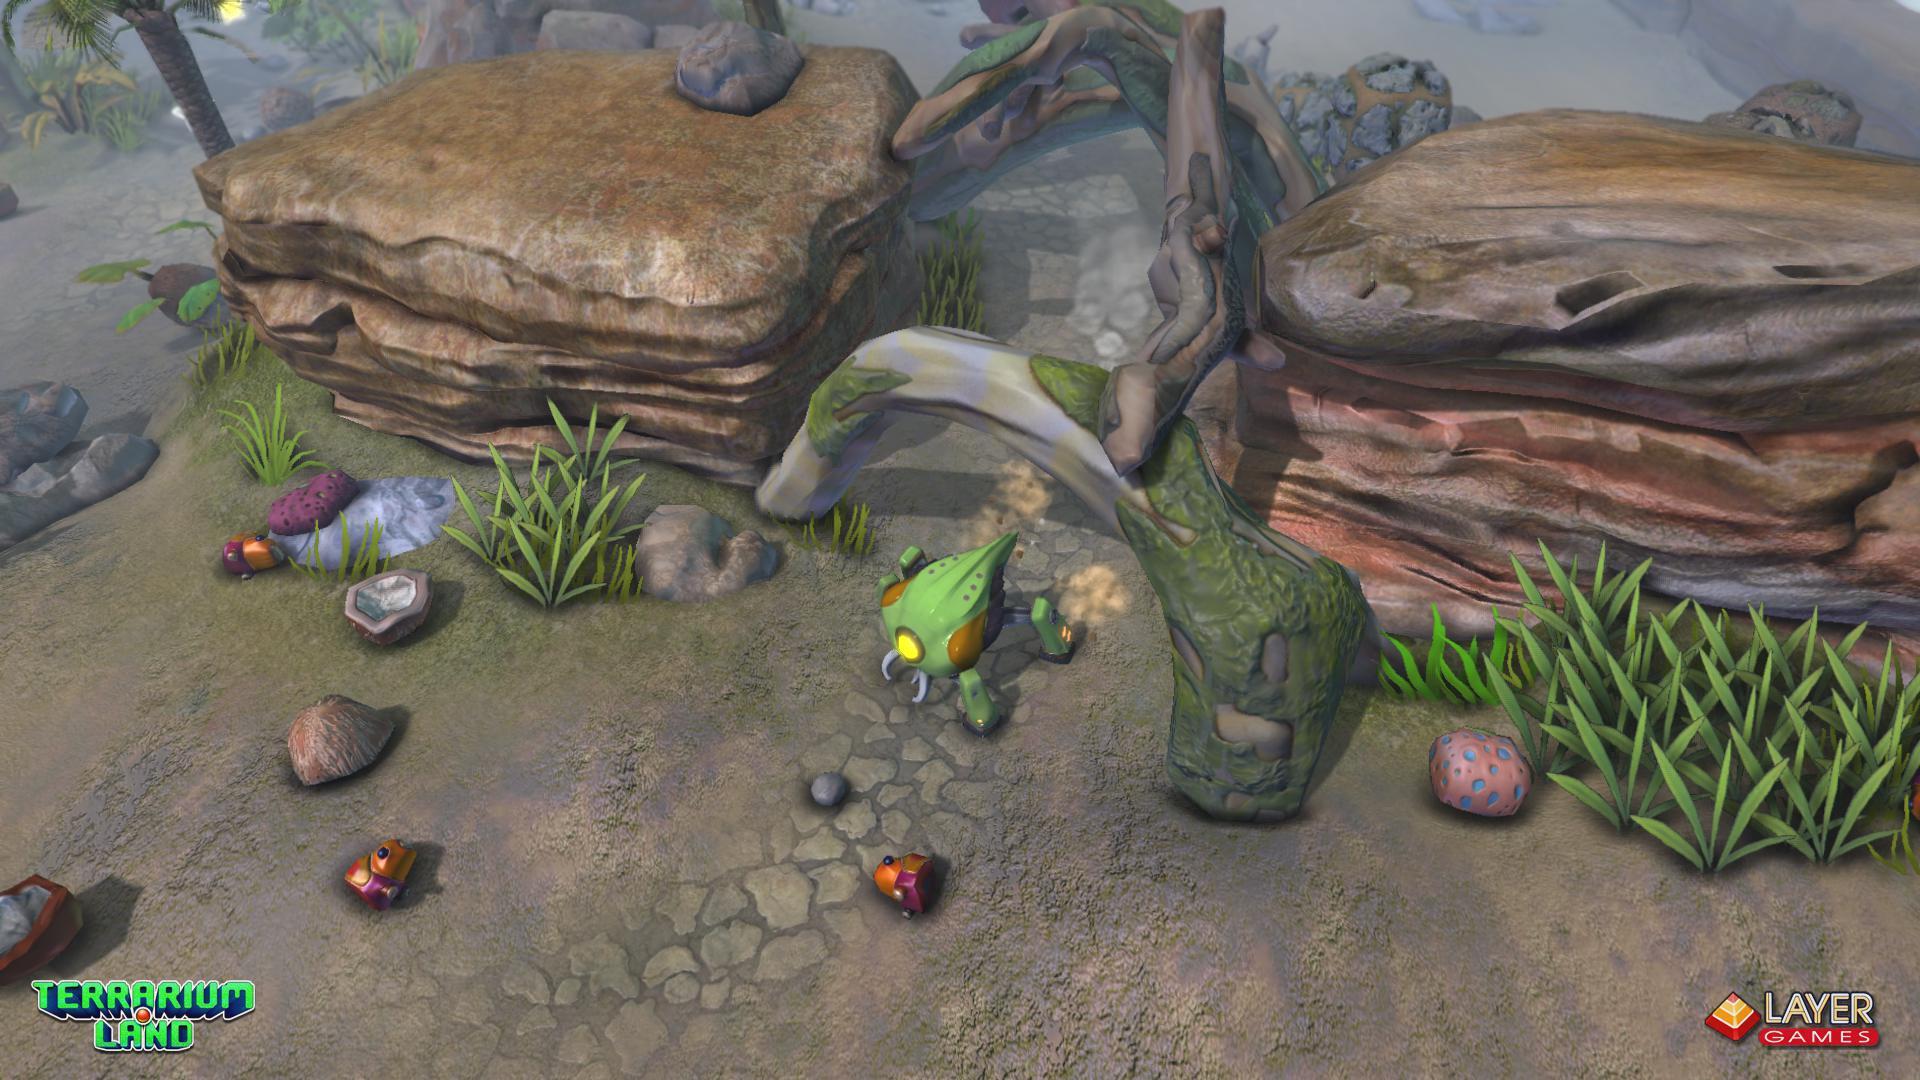 """3d игра """"Terrarium Land"""" весной выходит в Steam. - Изображение 4"""